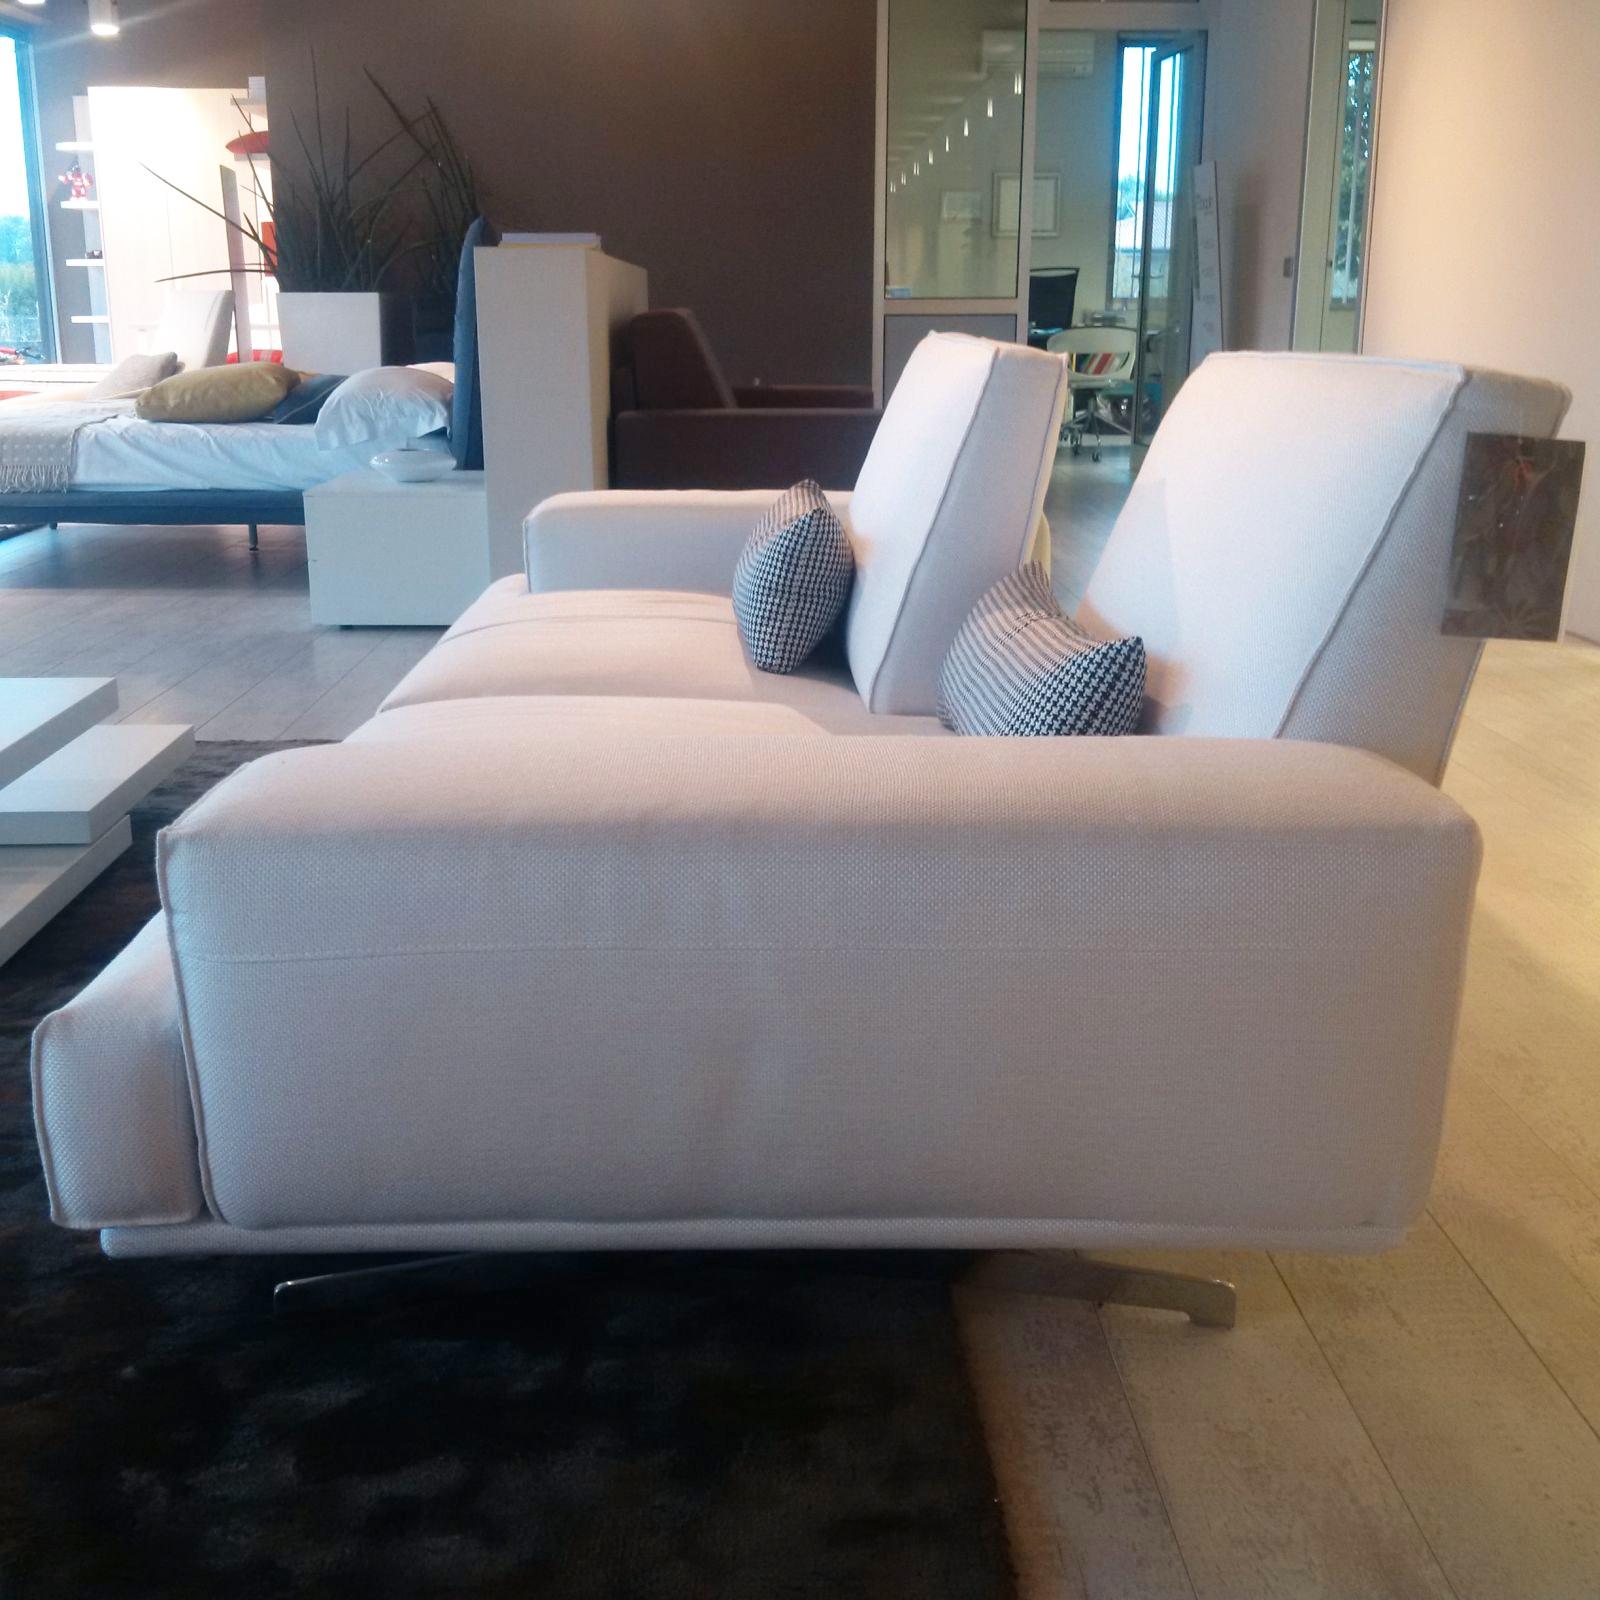 Divani in tessuto sfoderabile divano classico in tessuto - Divano tessuto damascato ...